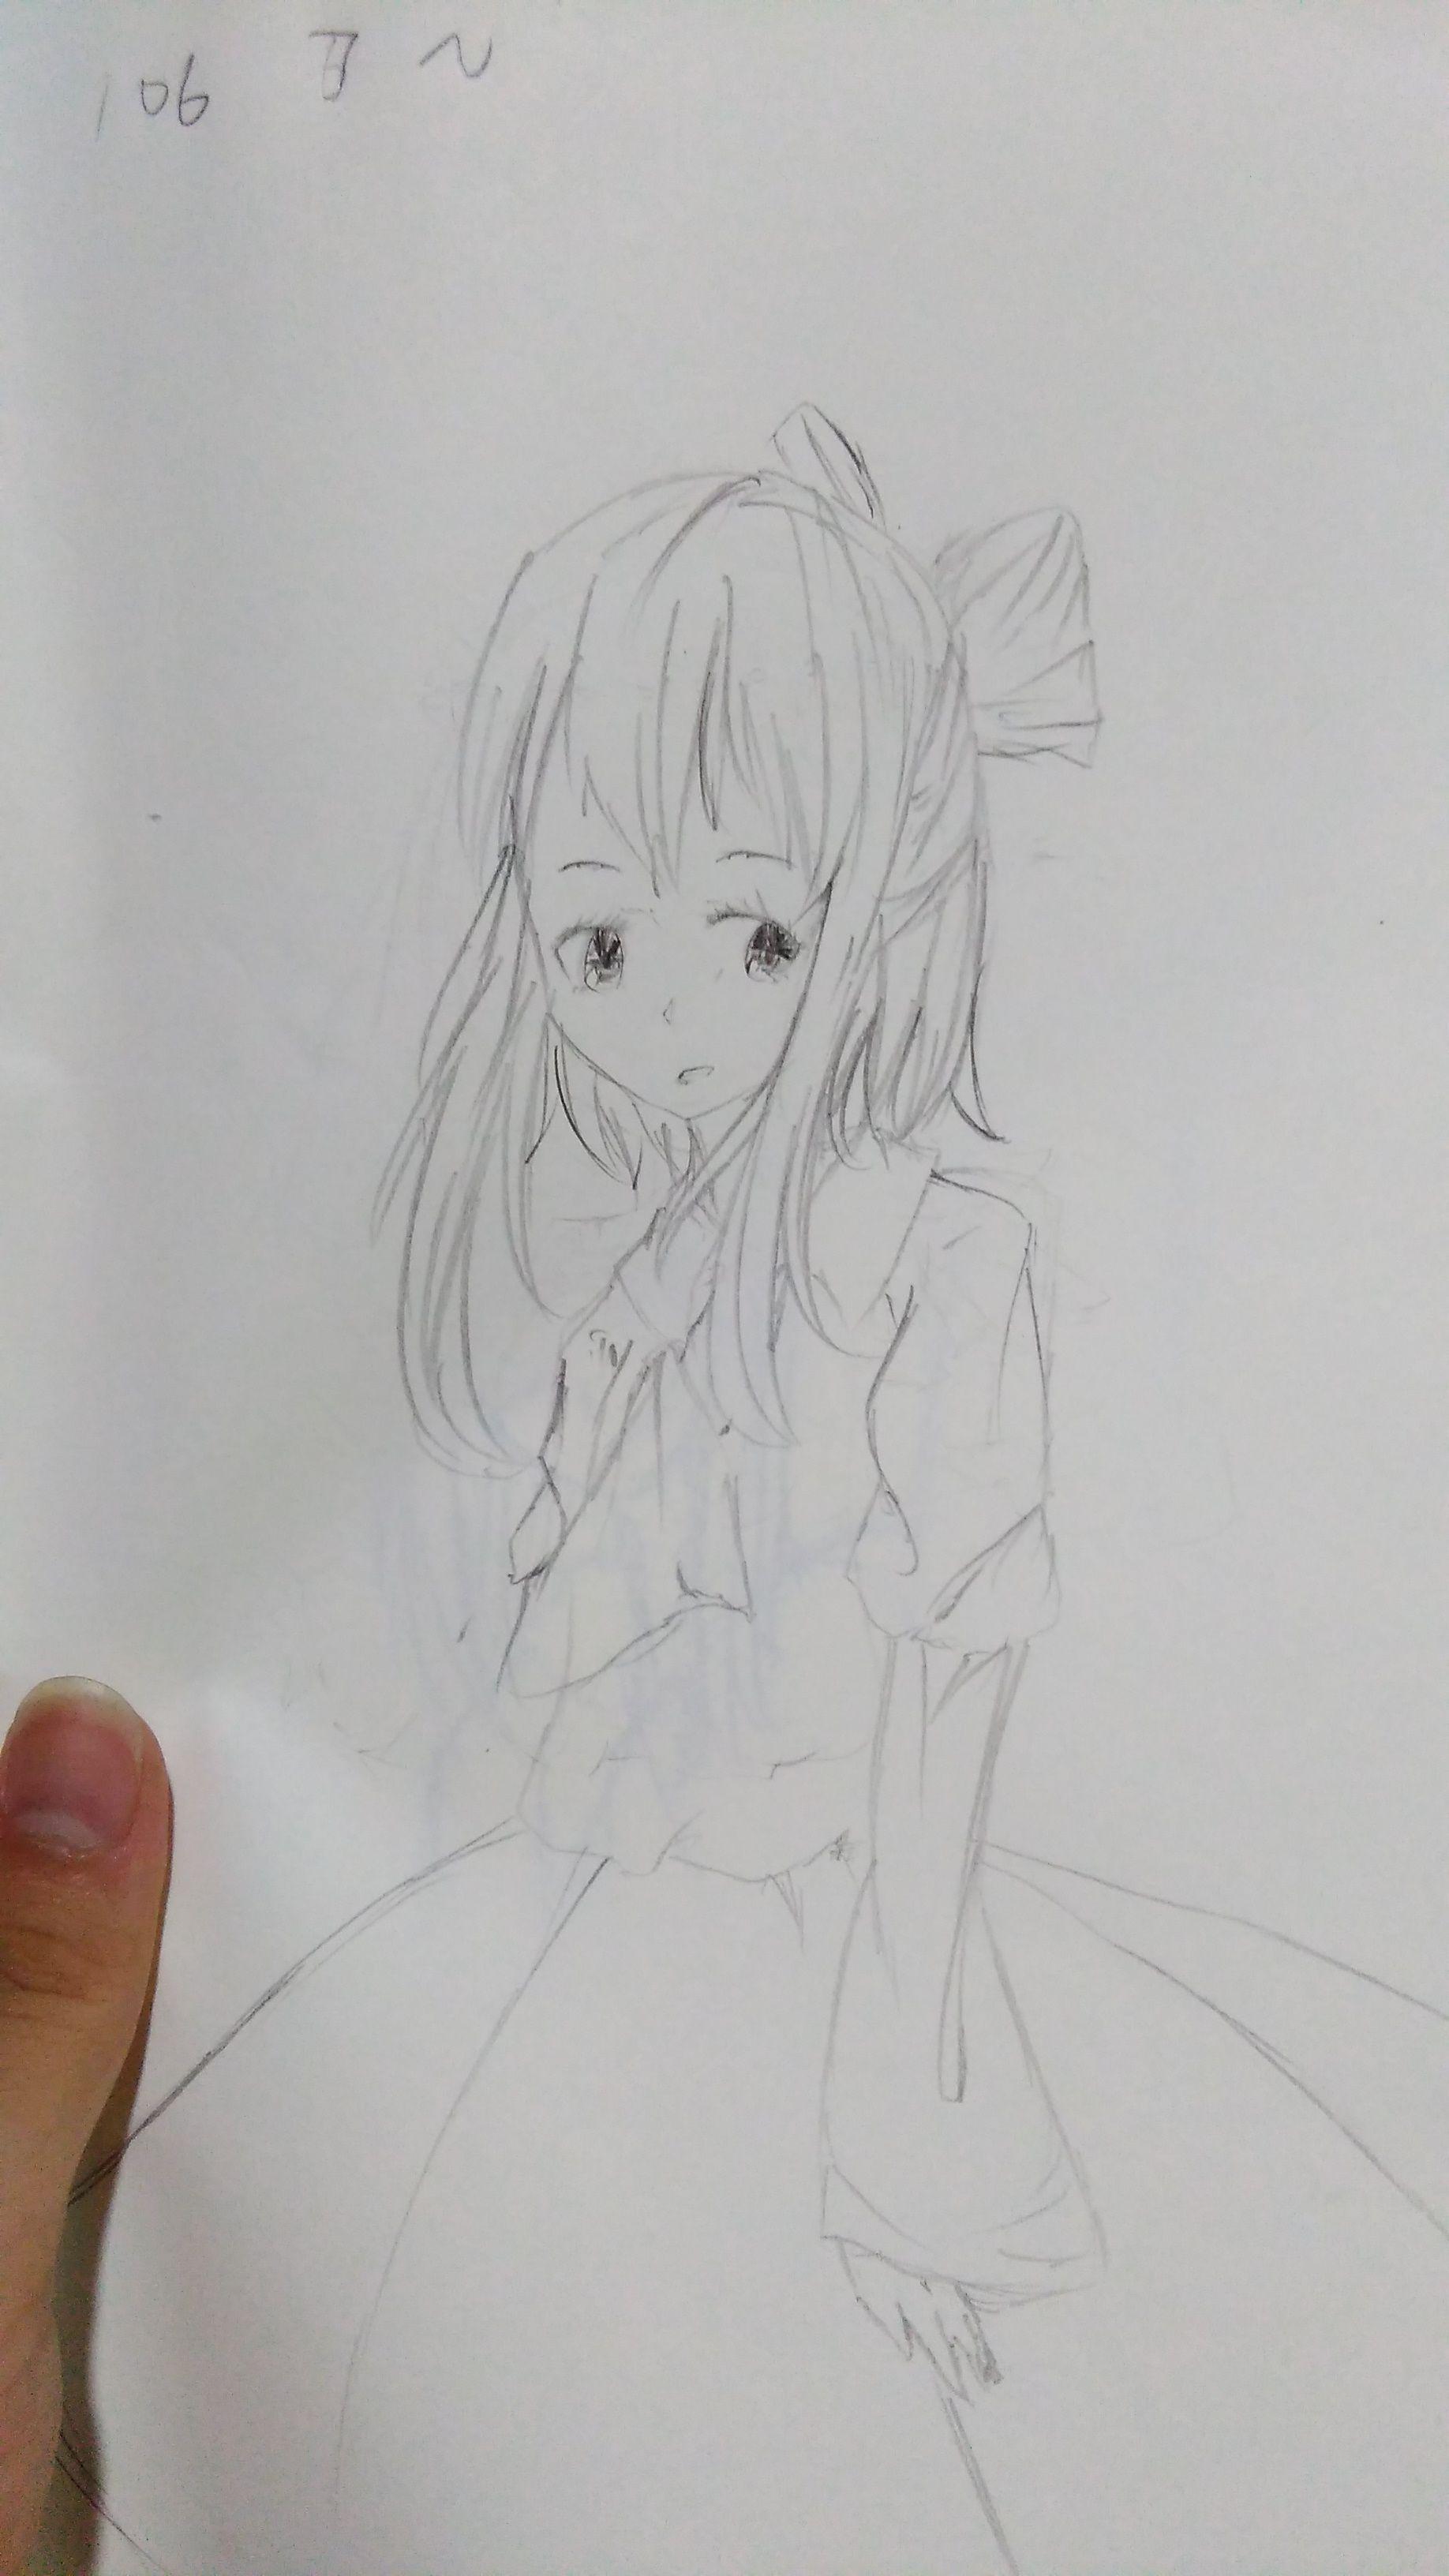 【陌虚】堆手绘图~~(辣眼慎入)